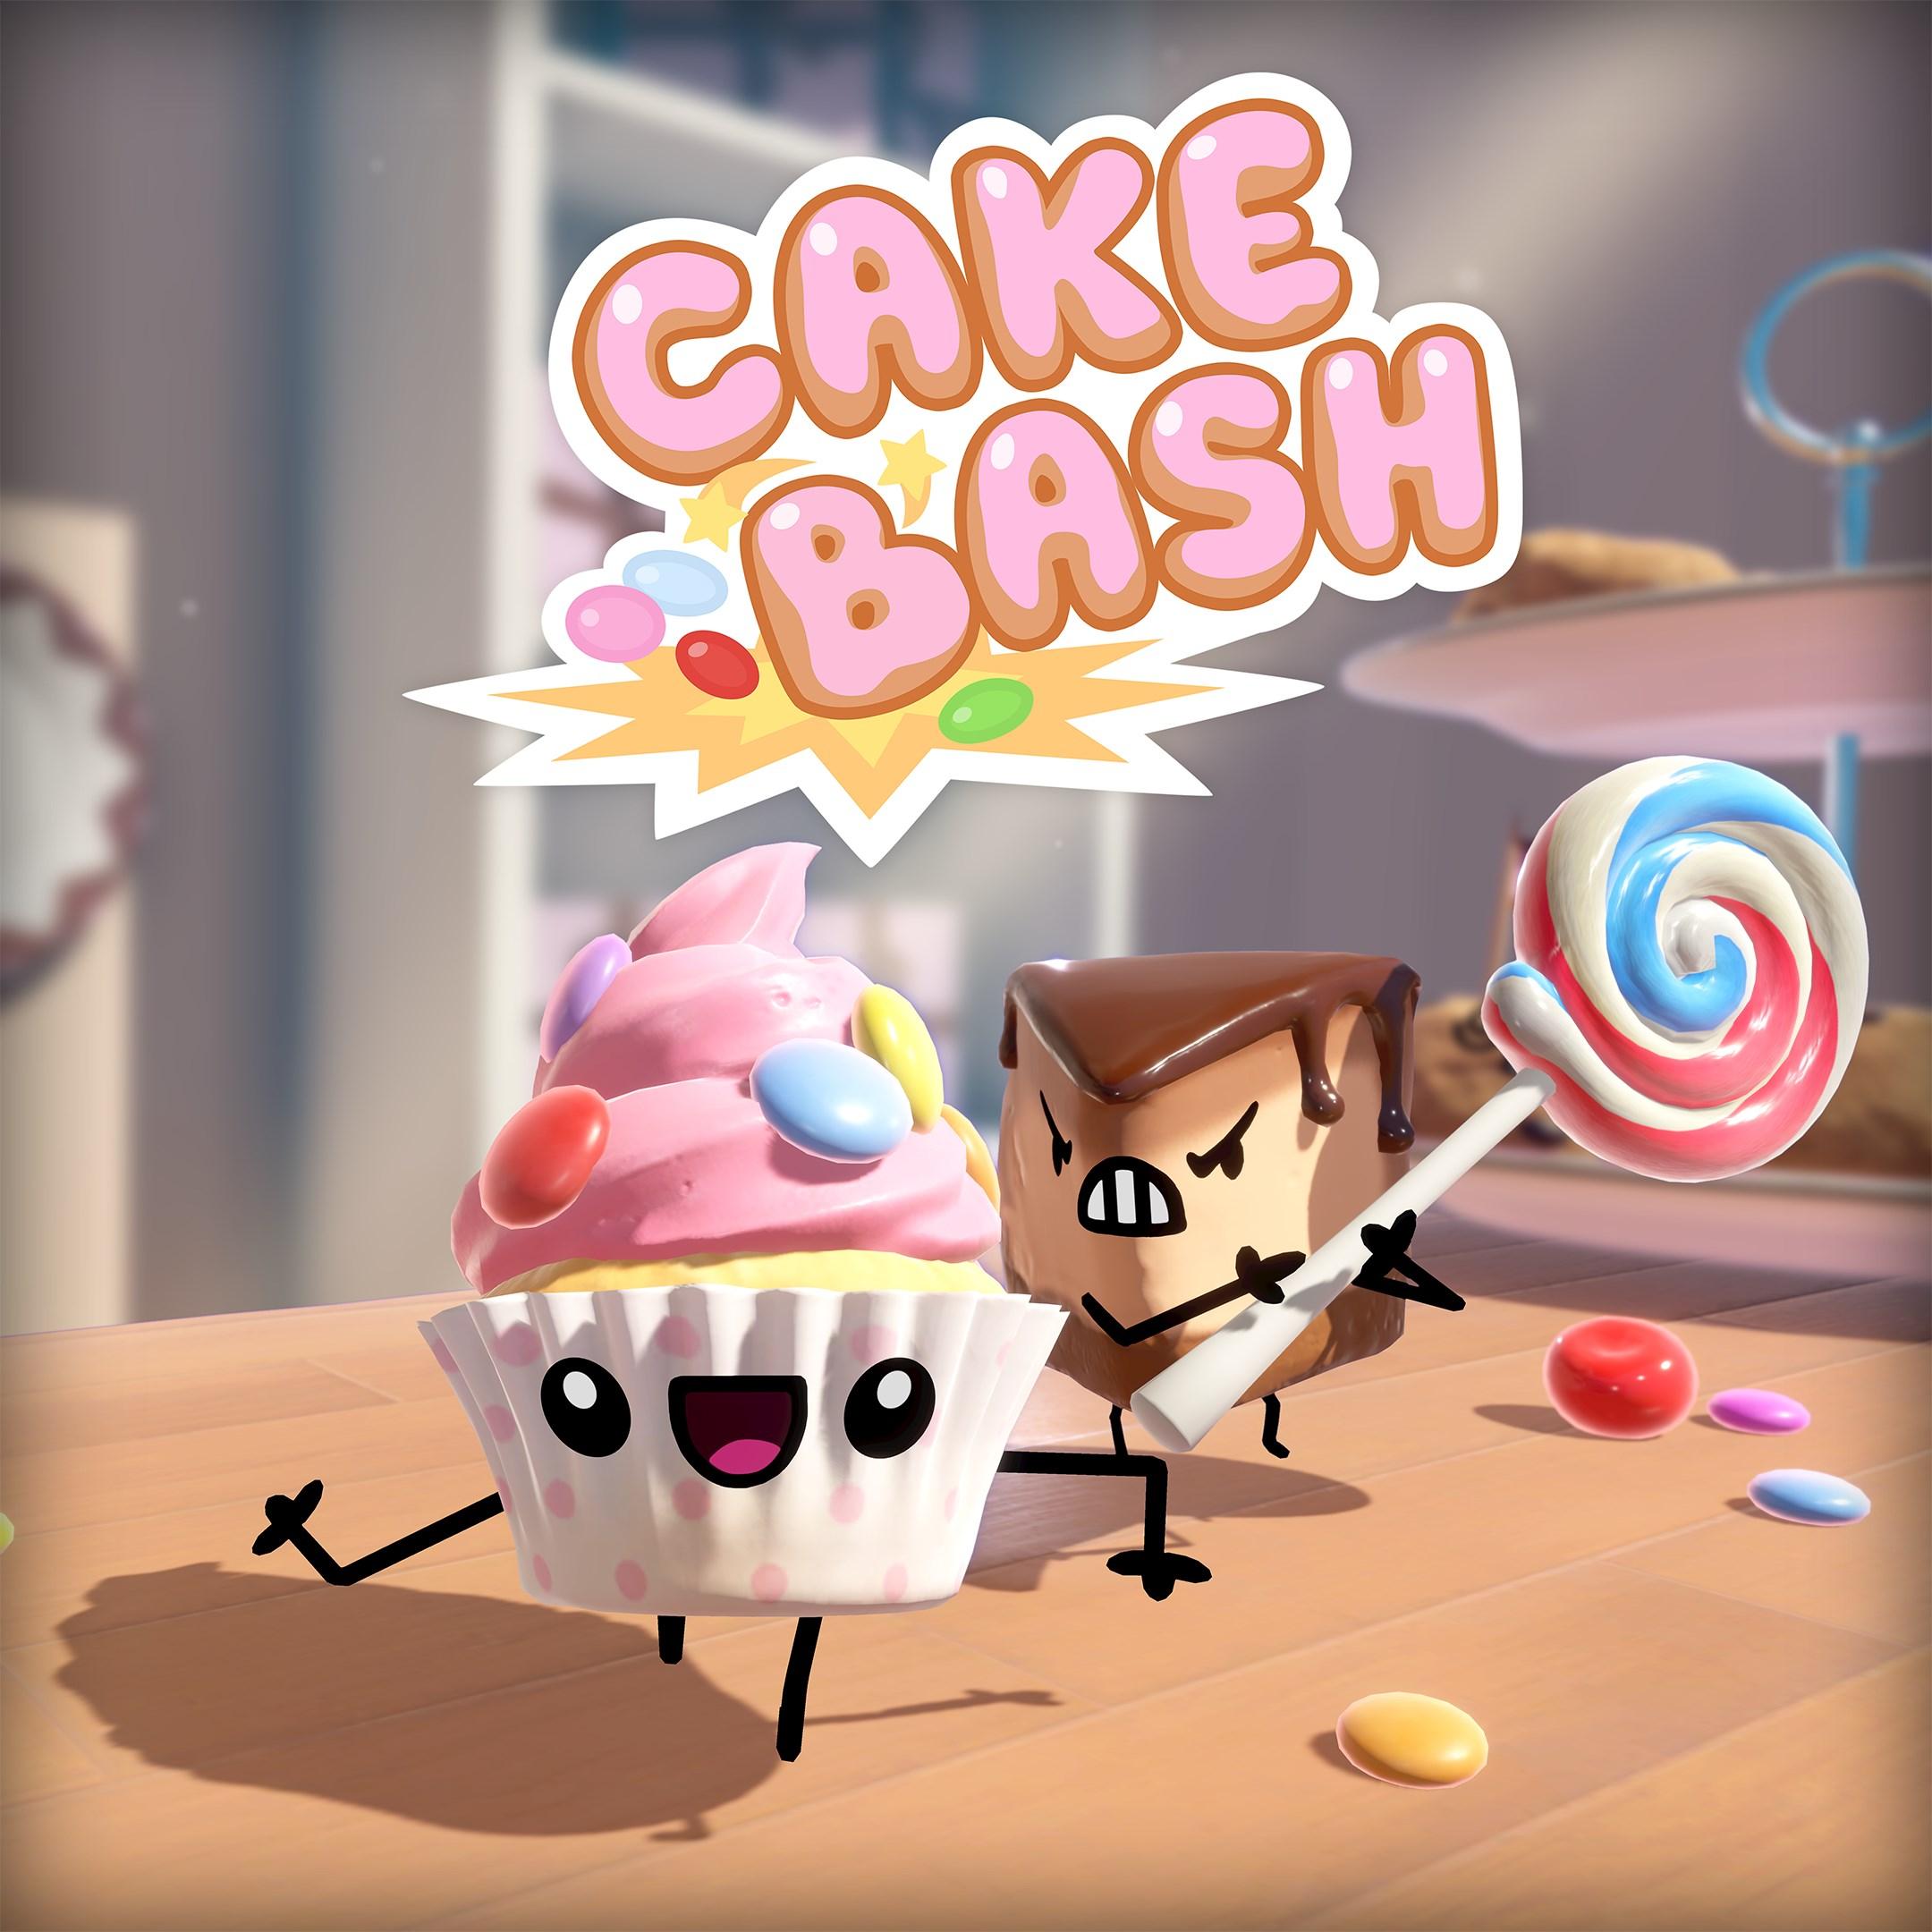 Cake Bash achievements